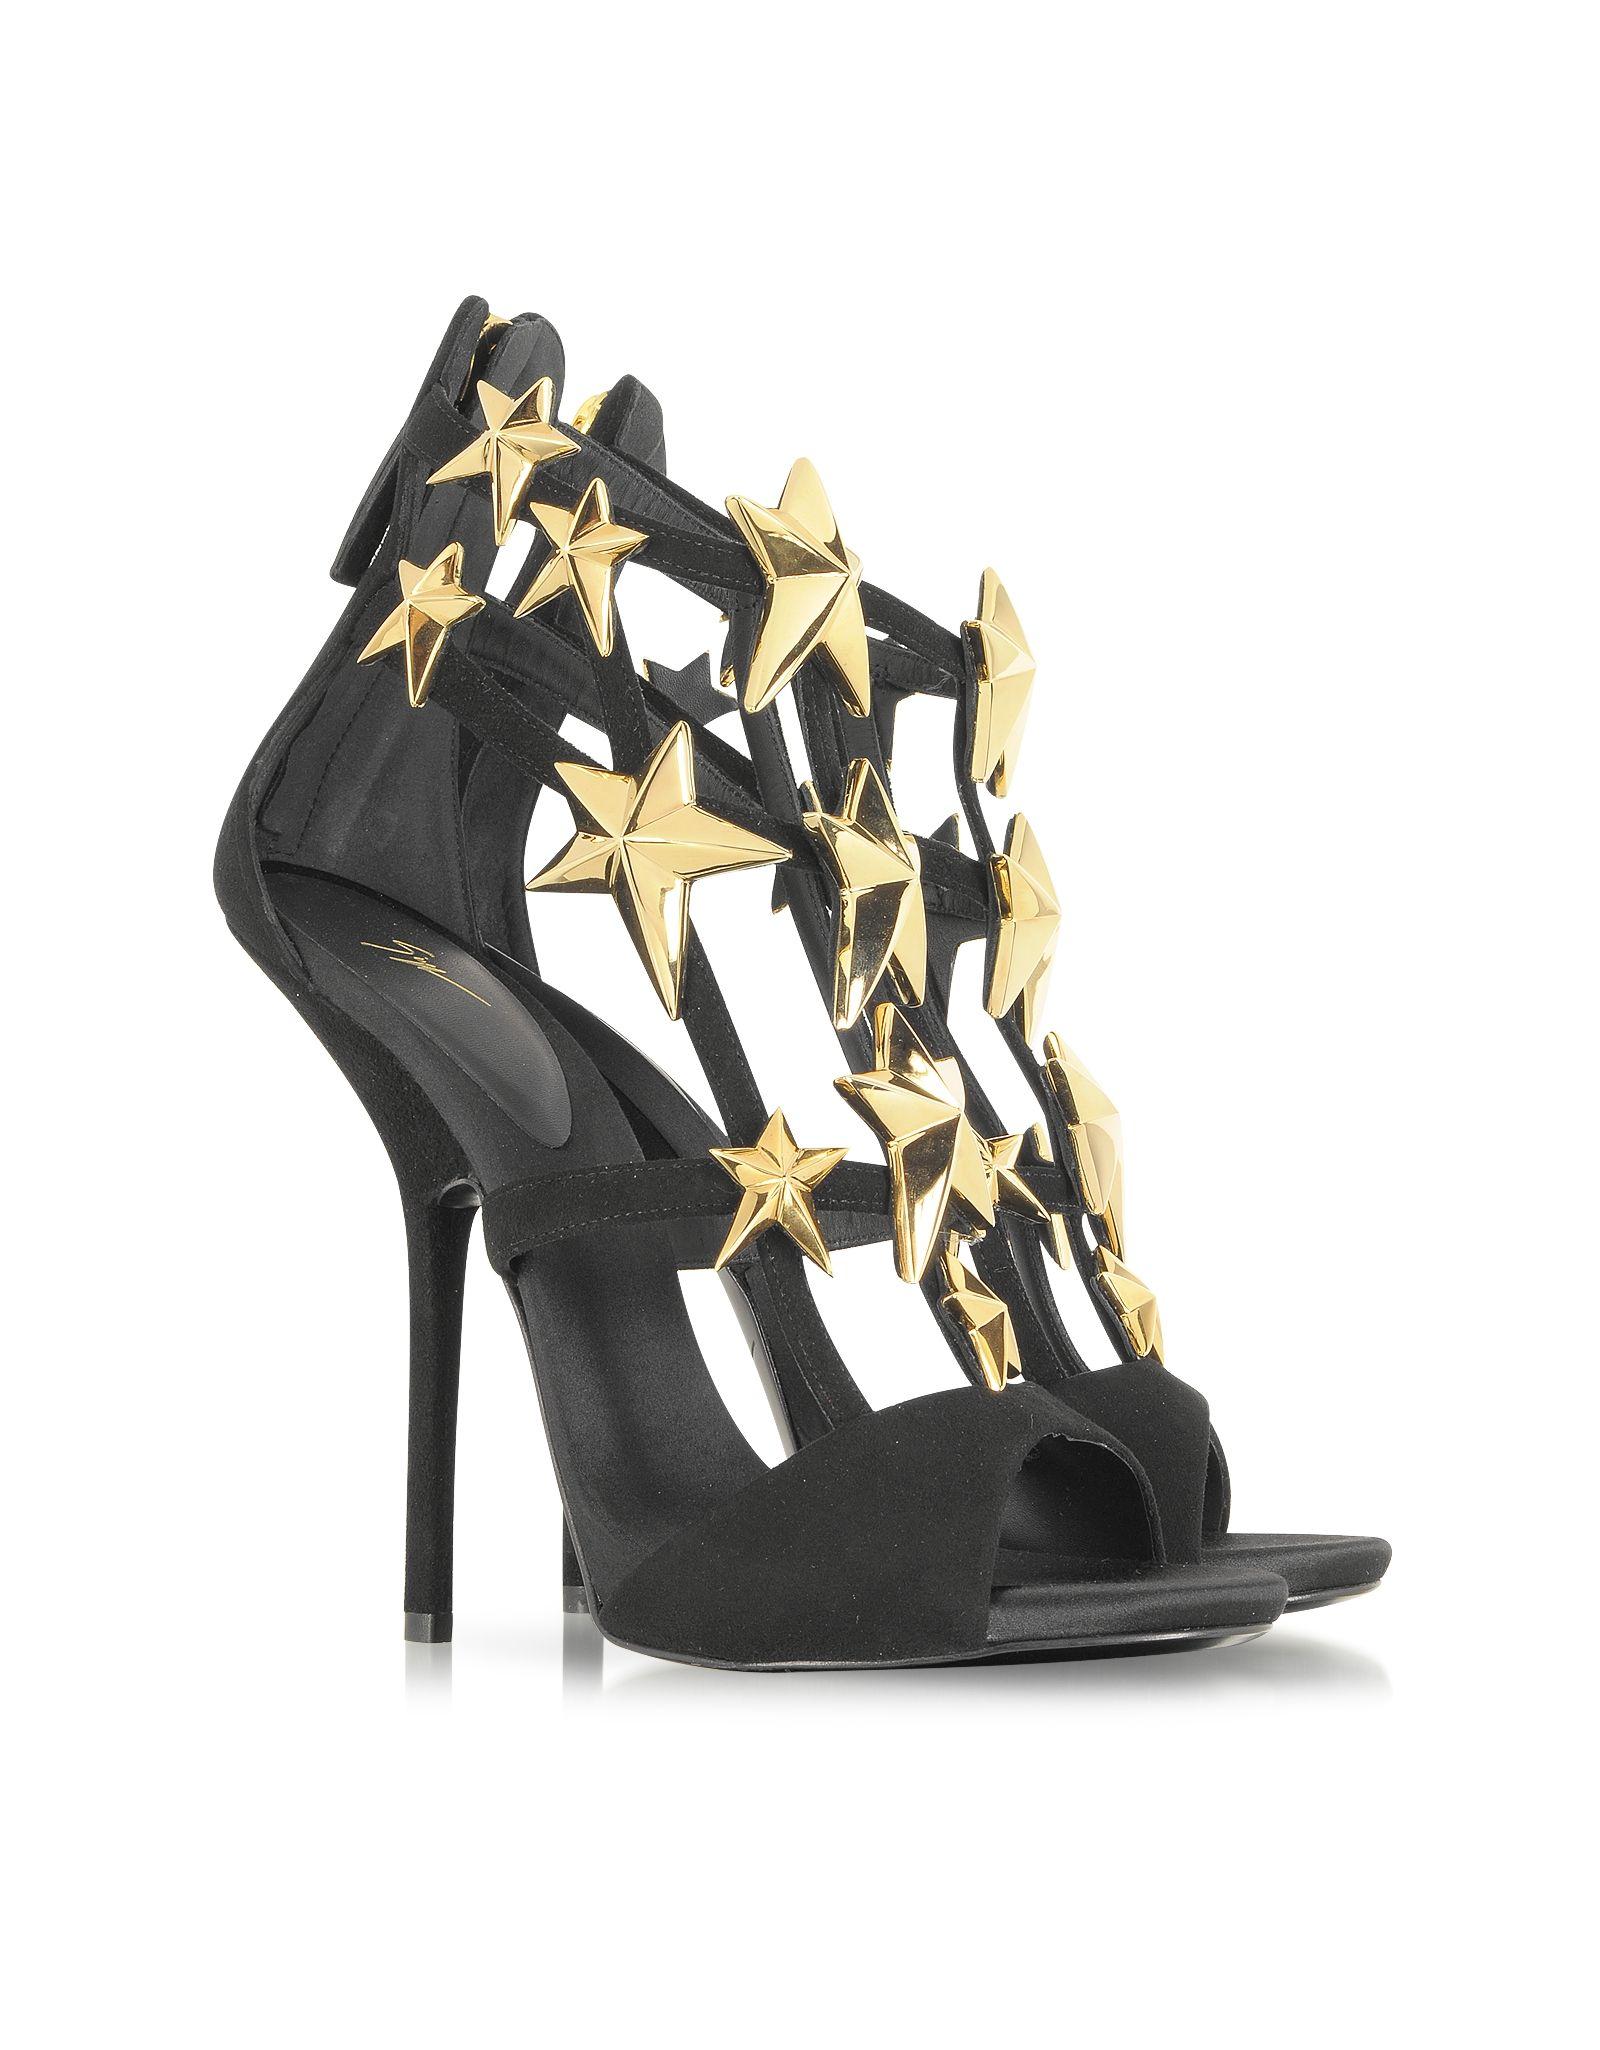 70a230d83 Giuseppe Zanotti Star Studded Black Suede Sandal